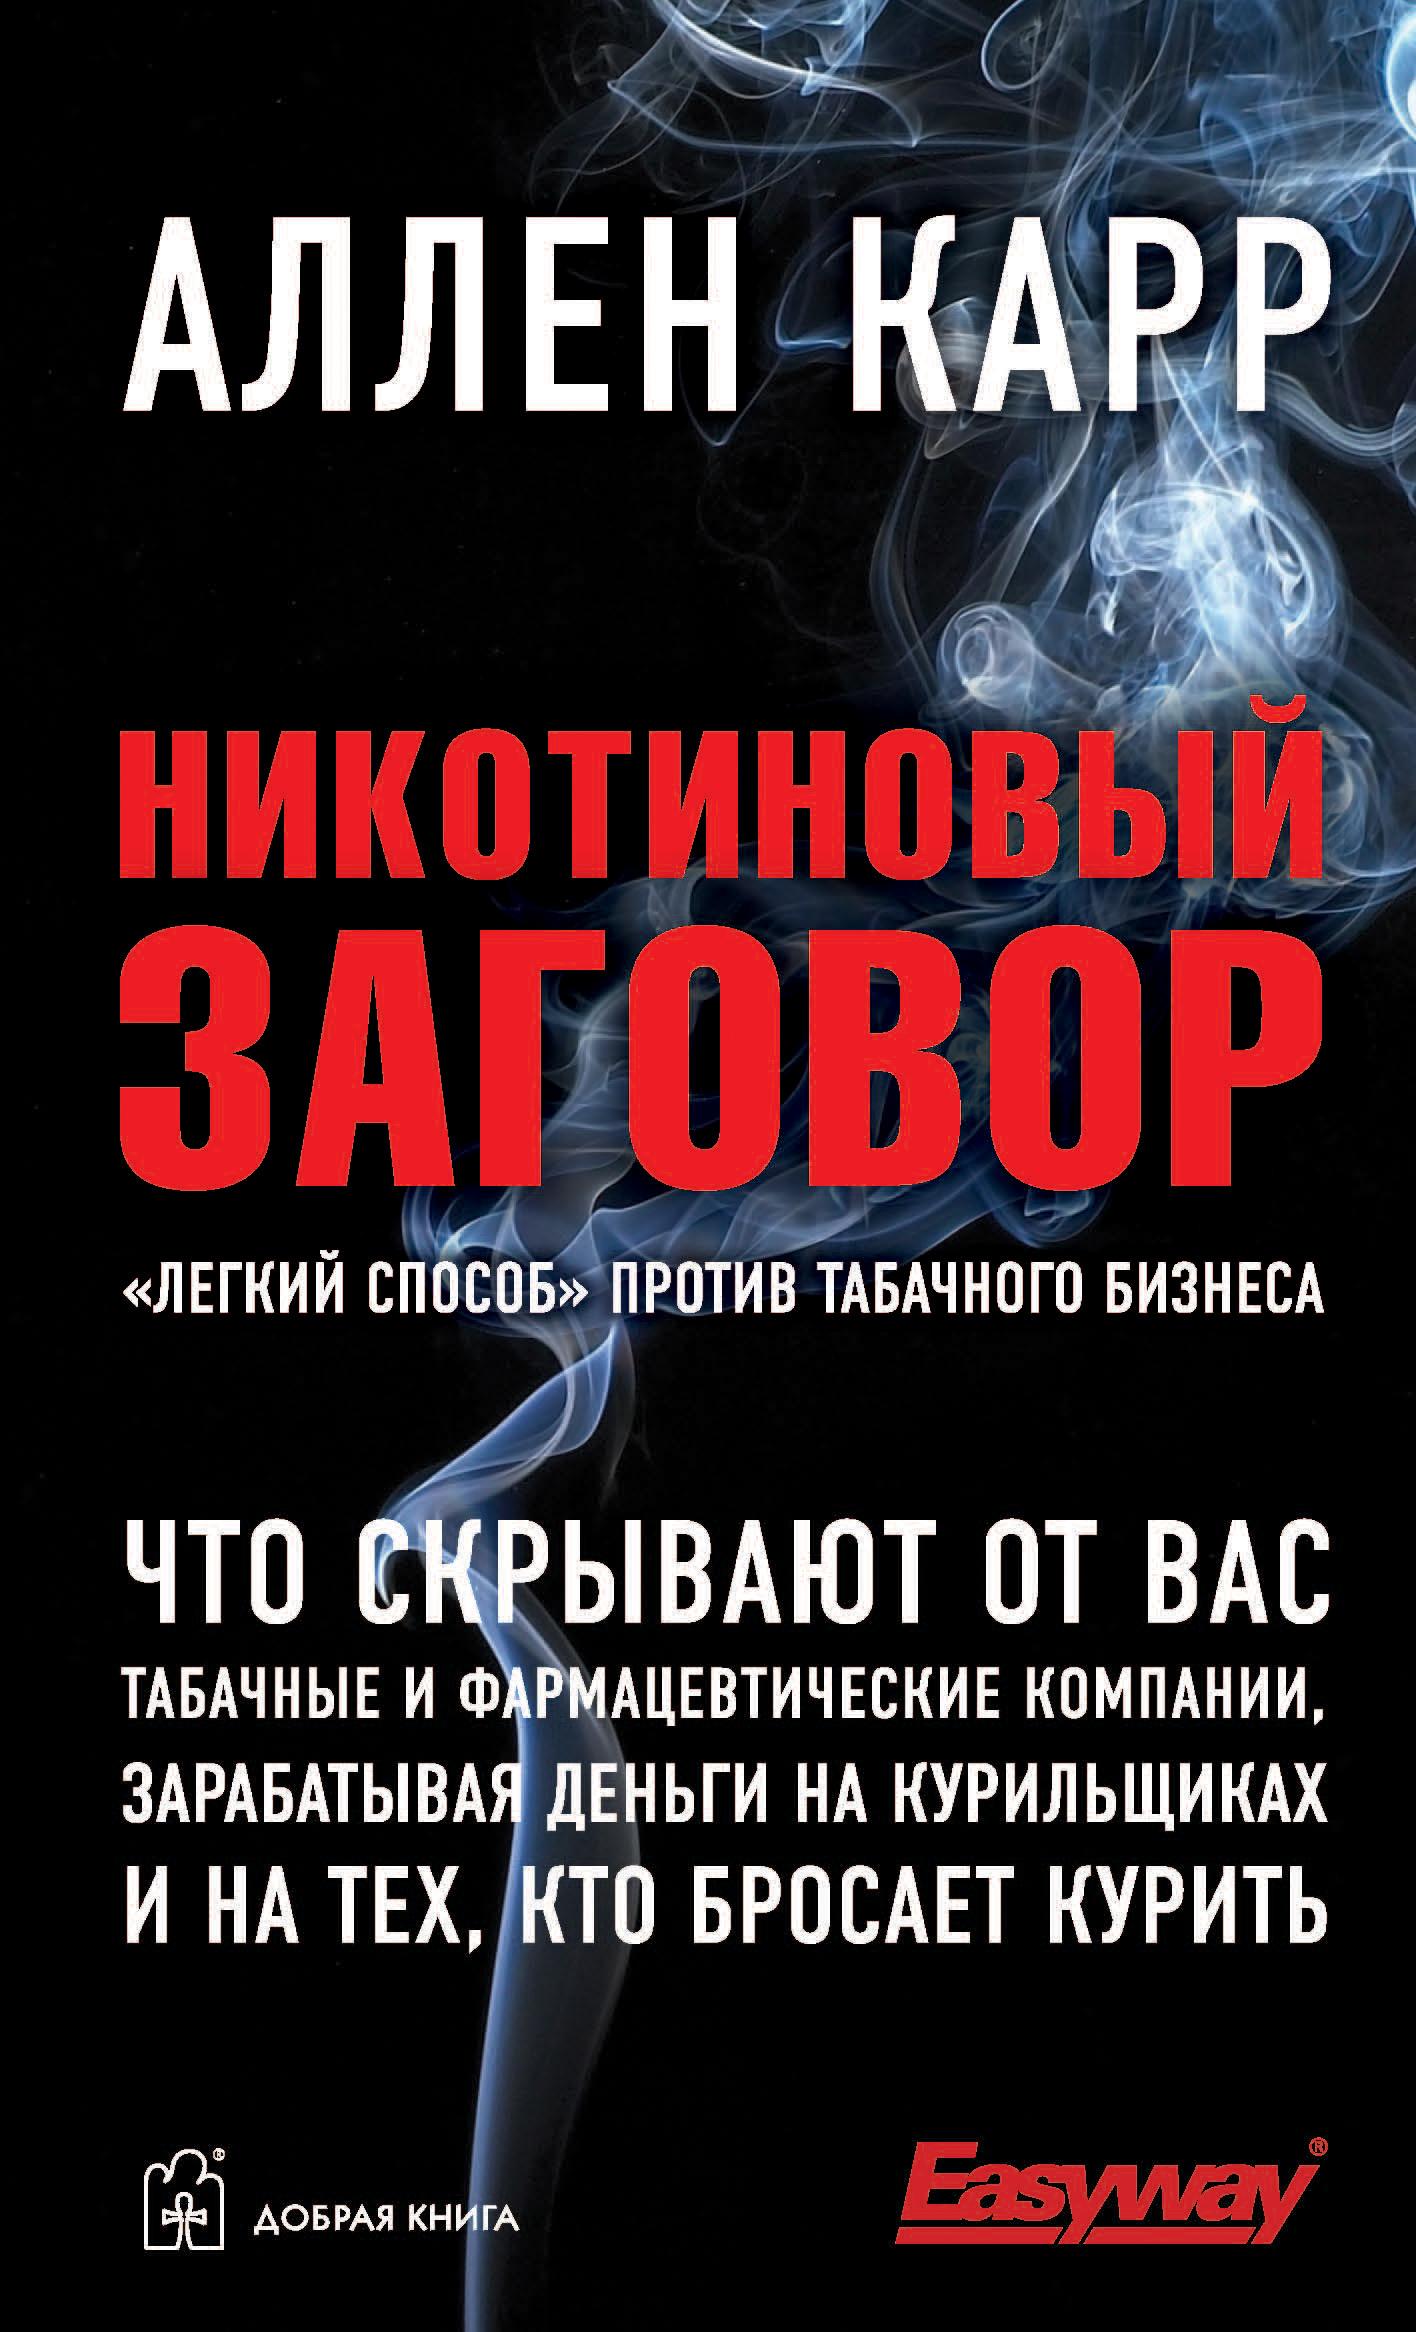 nikotinovyy zagovor